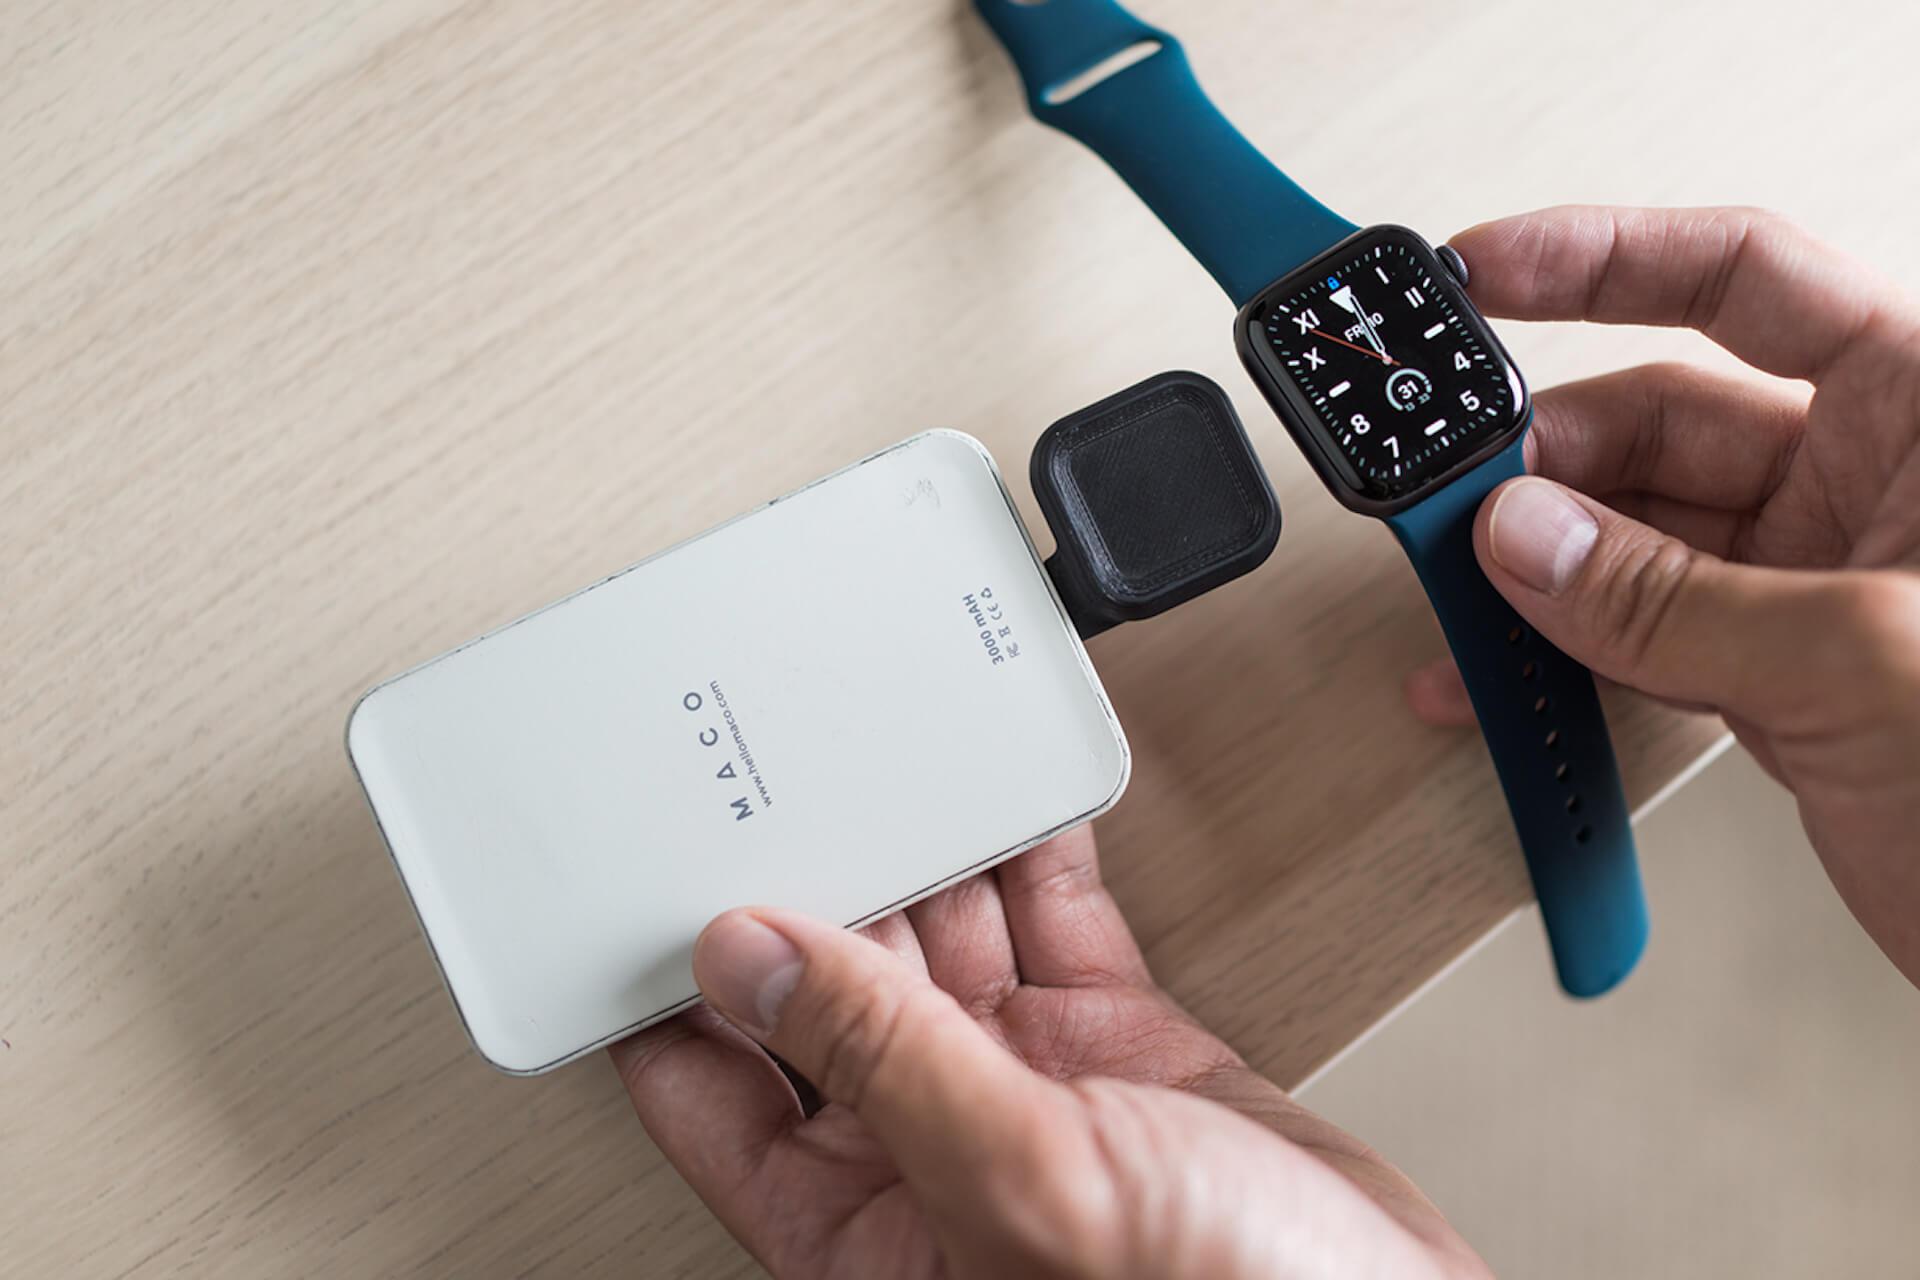 コインサイズのApple Watch専用充電器「MACO GO」がクラウドファンディング「Makuake」に登場! tech200624_macogo_9